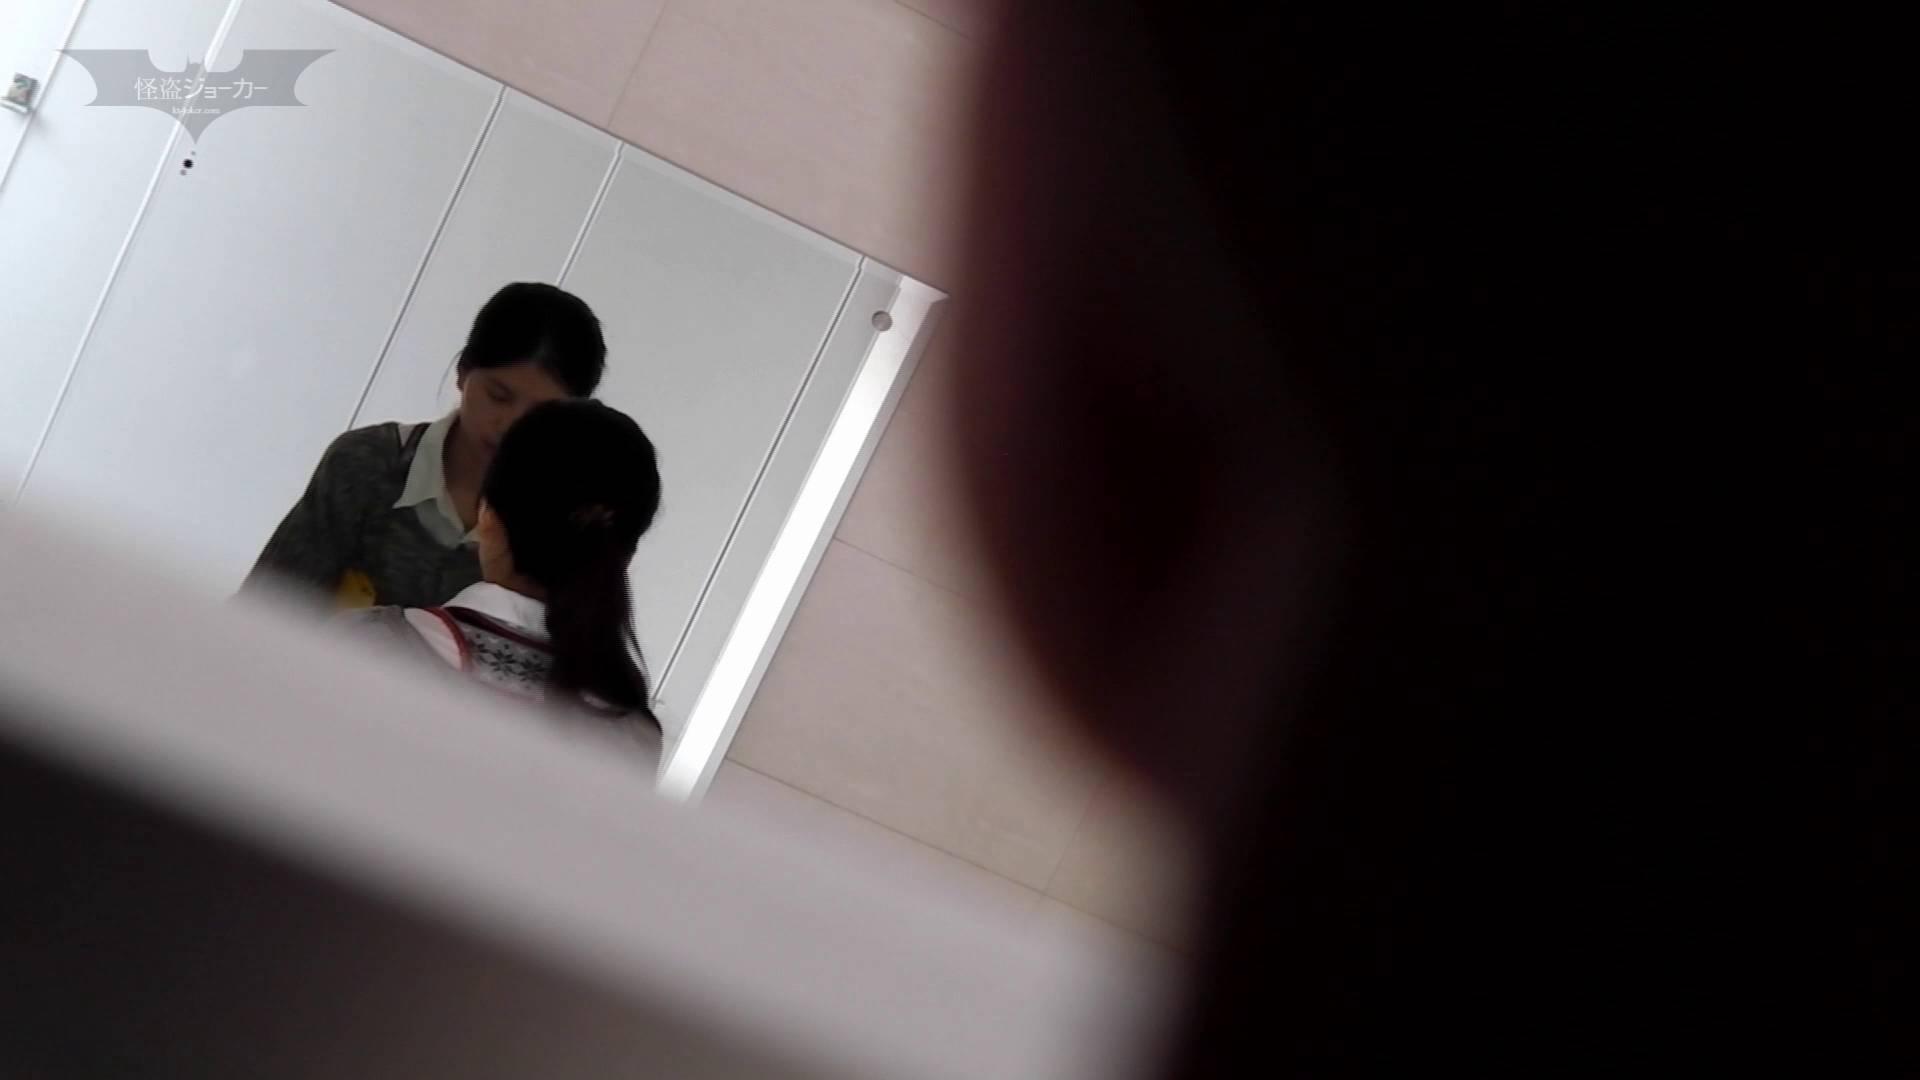 潜入!!台湾名門女学院 Vol.10 進化 美女のボディ 隠し撮りオマンコ動画紹介 77PIX 19